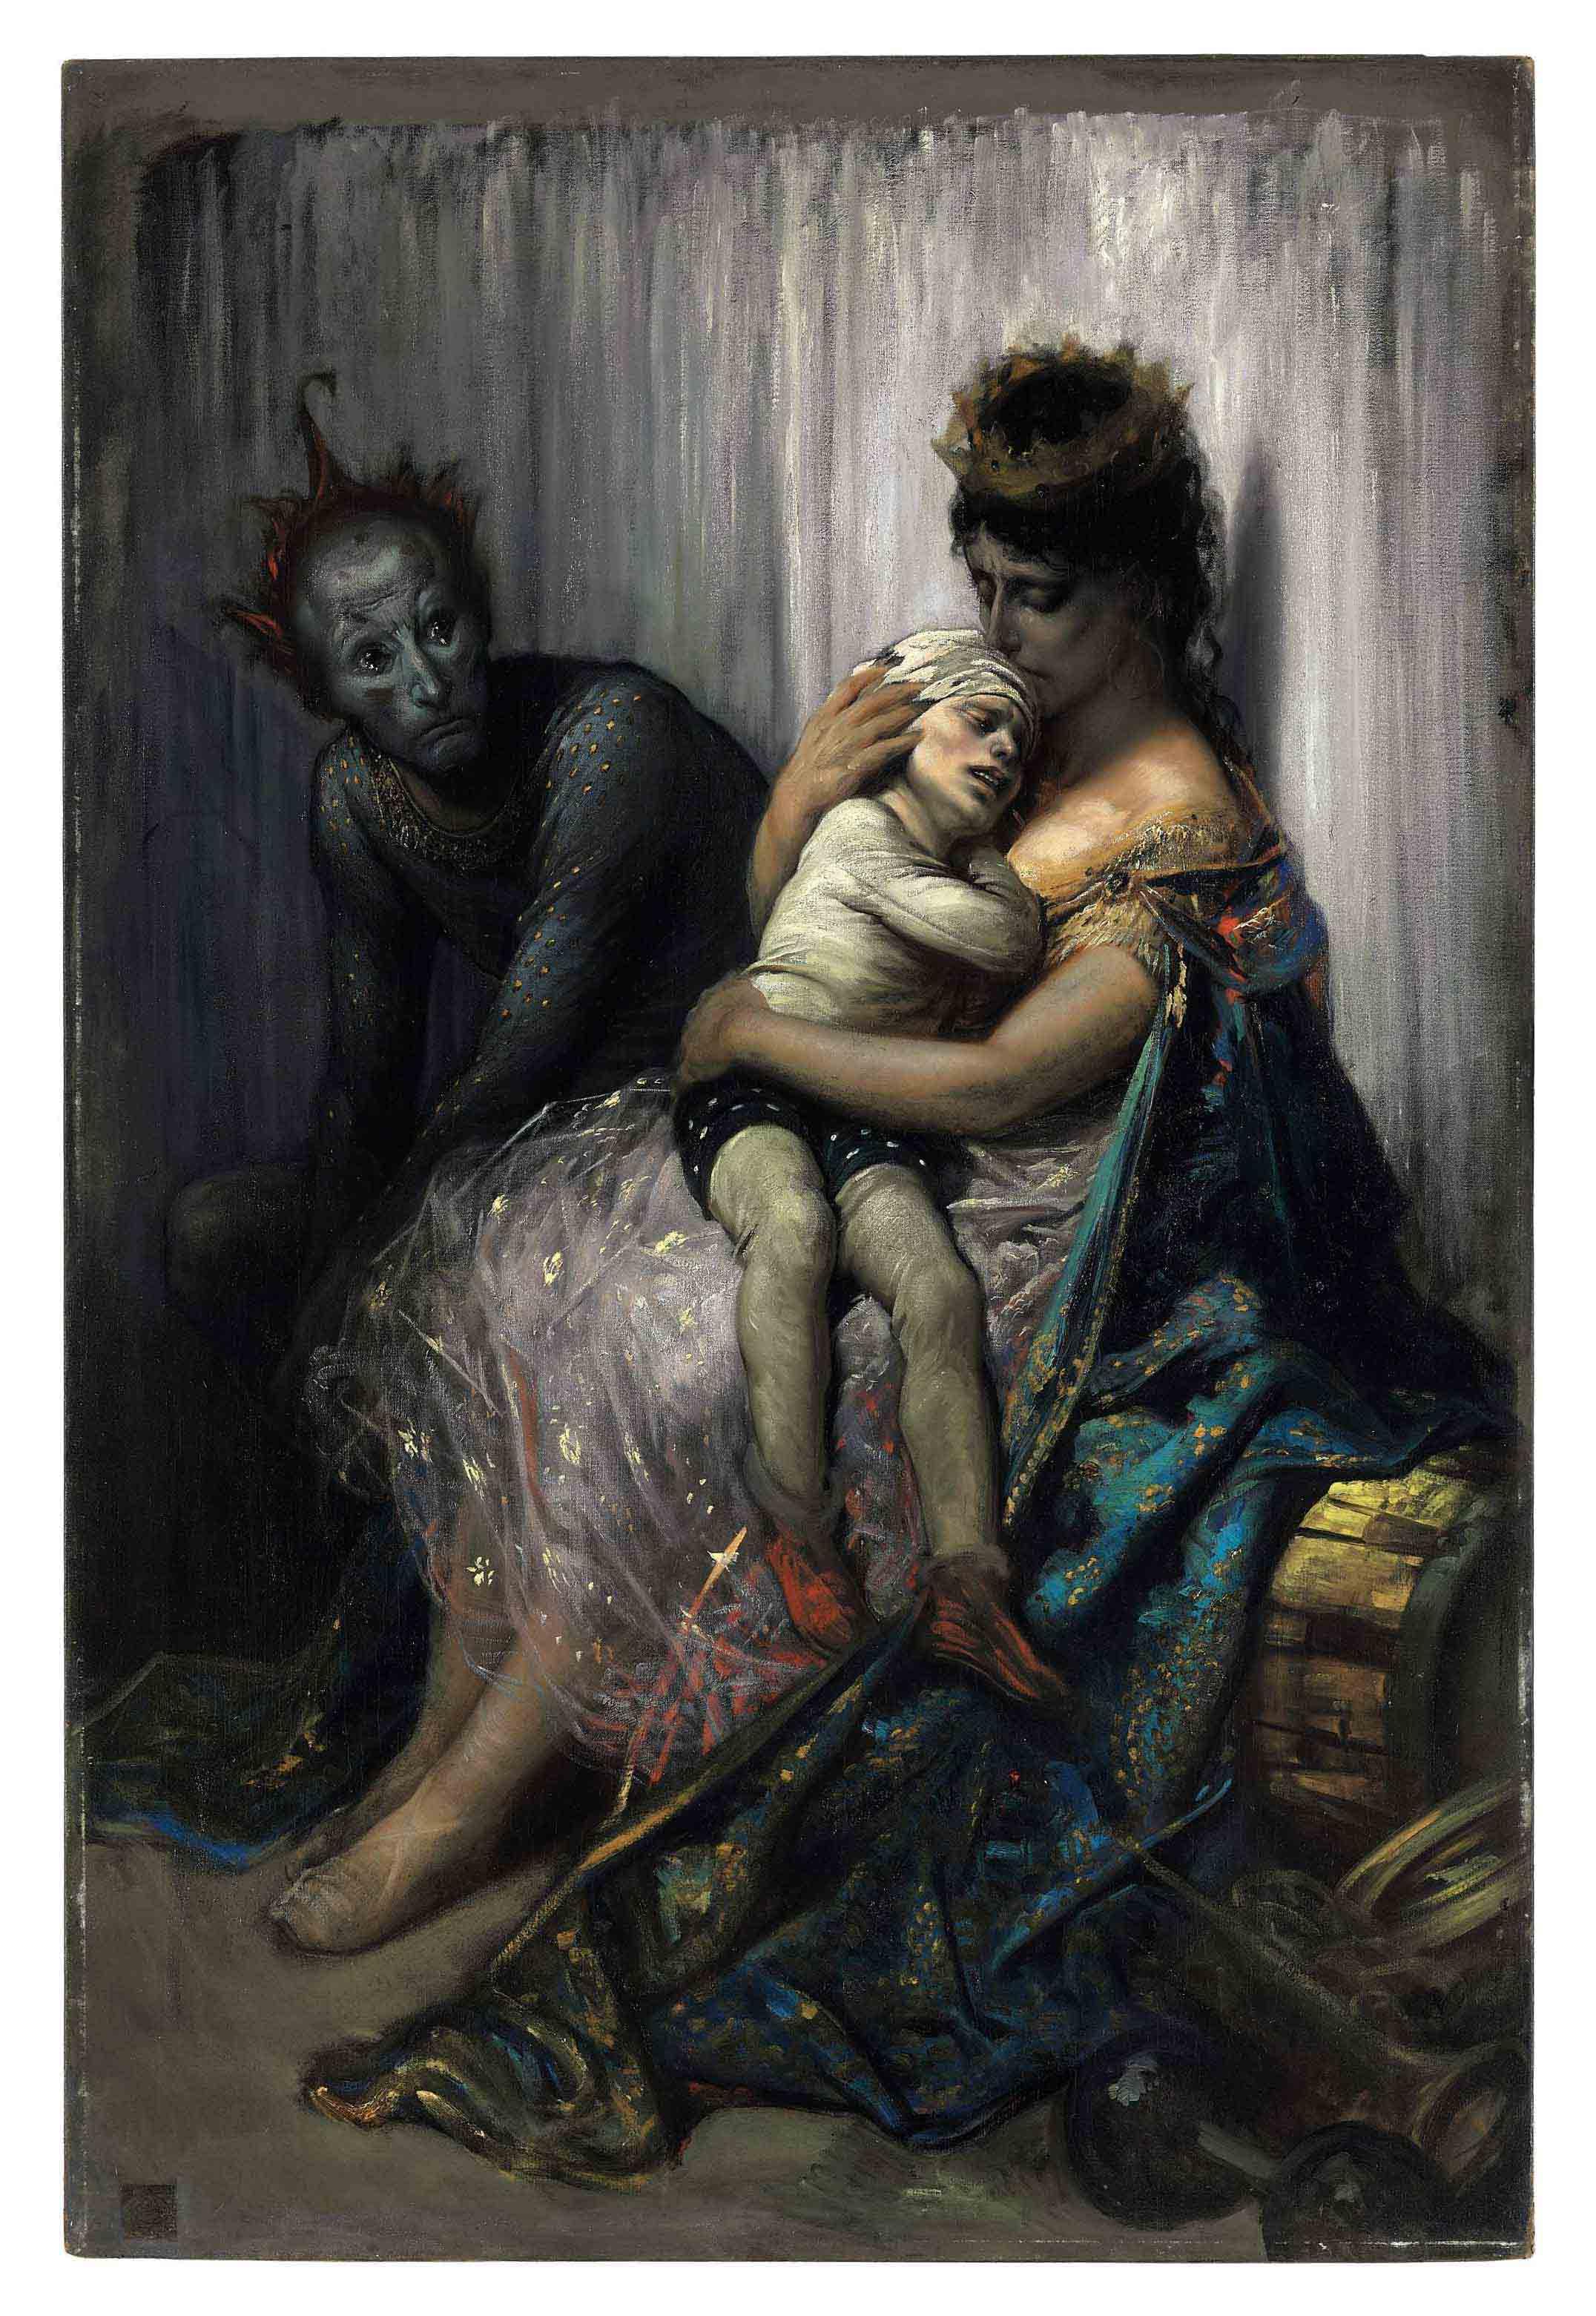 Audio: Gustave Dore's La famille du saltimbanque: l'enfant blessé